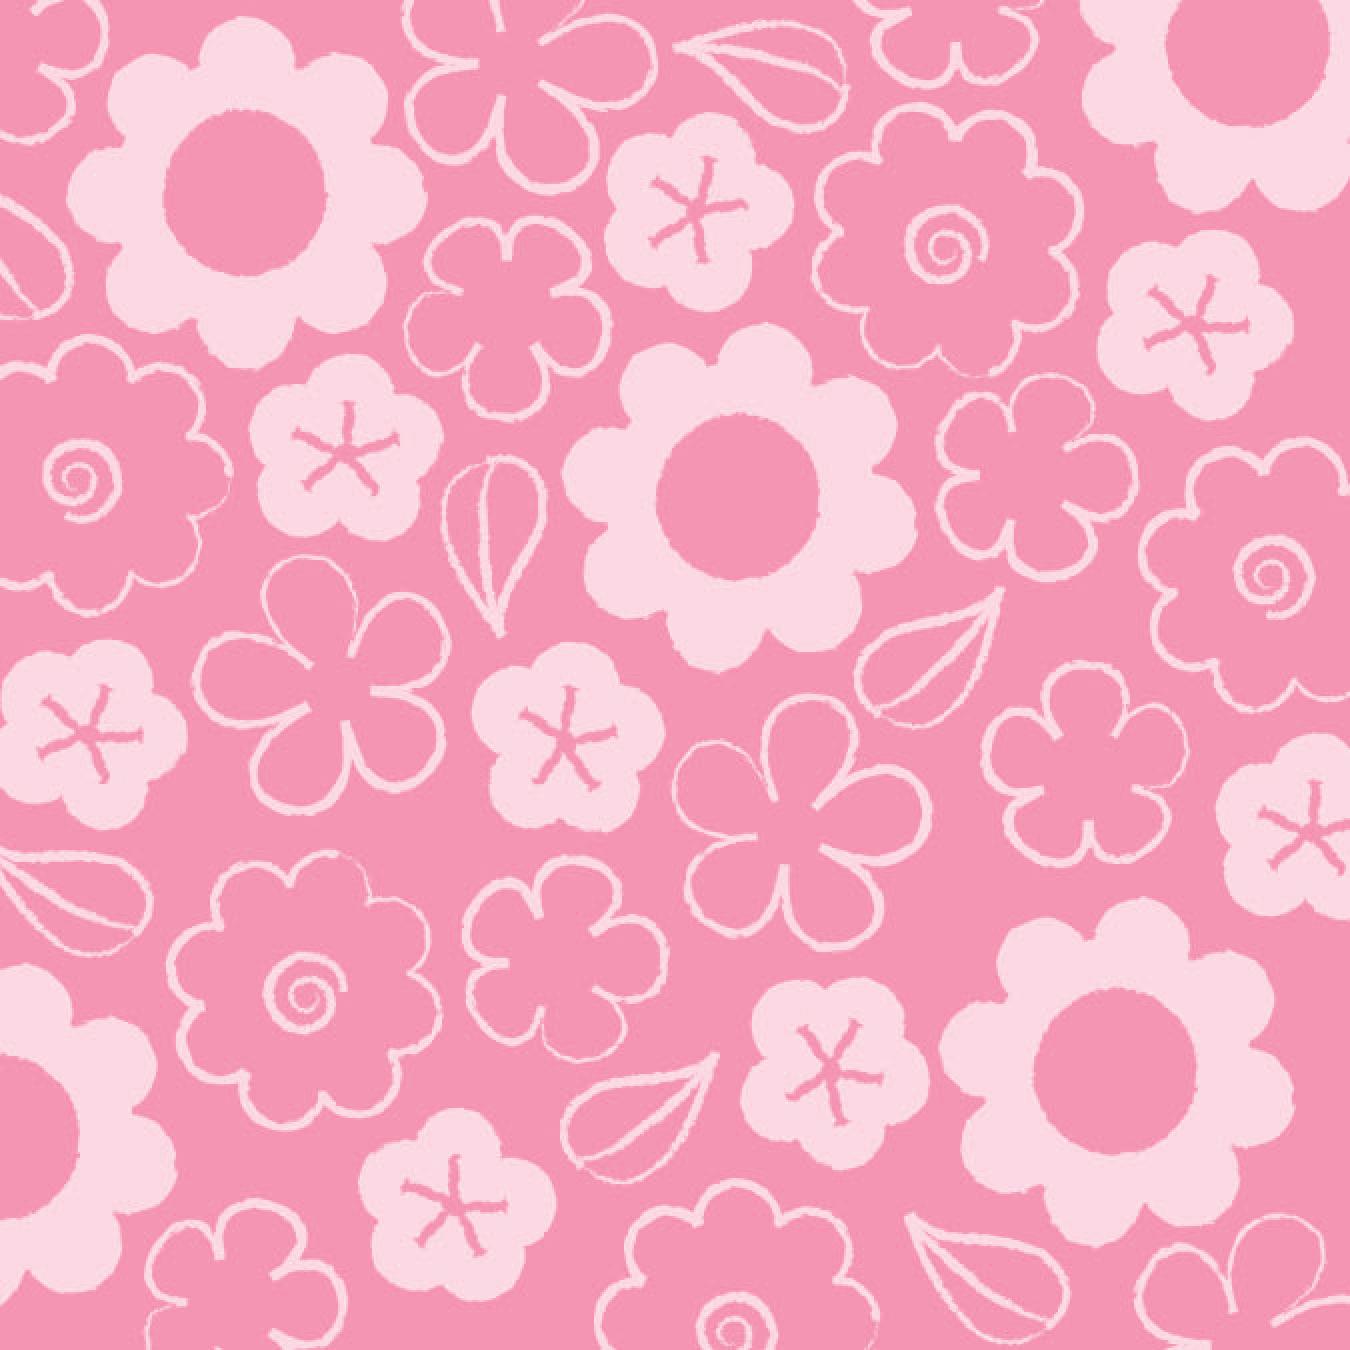 Crafty_Flowers-01.jpg